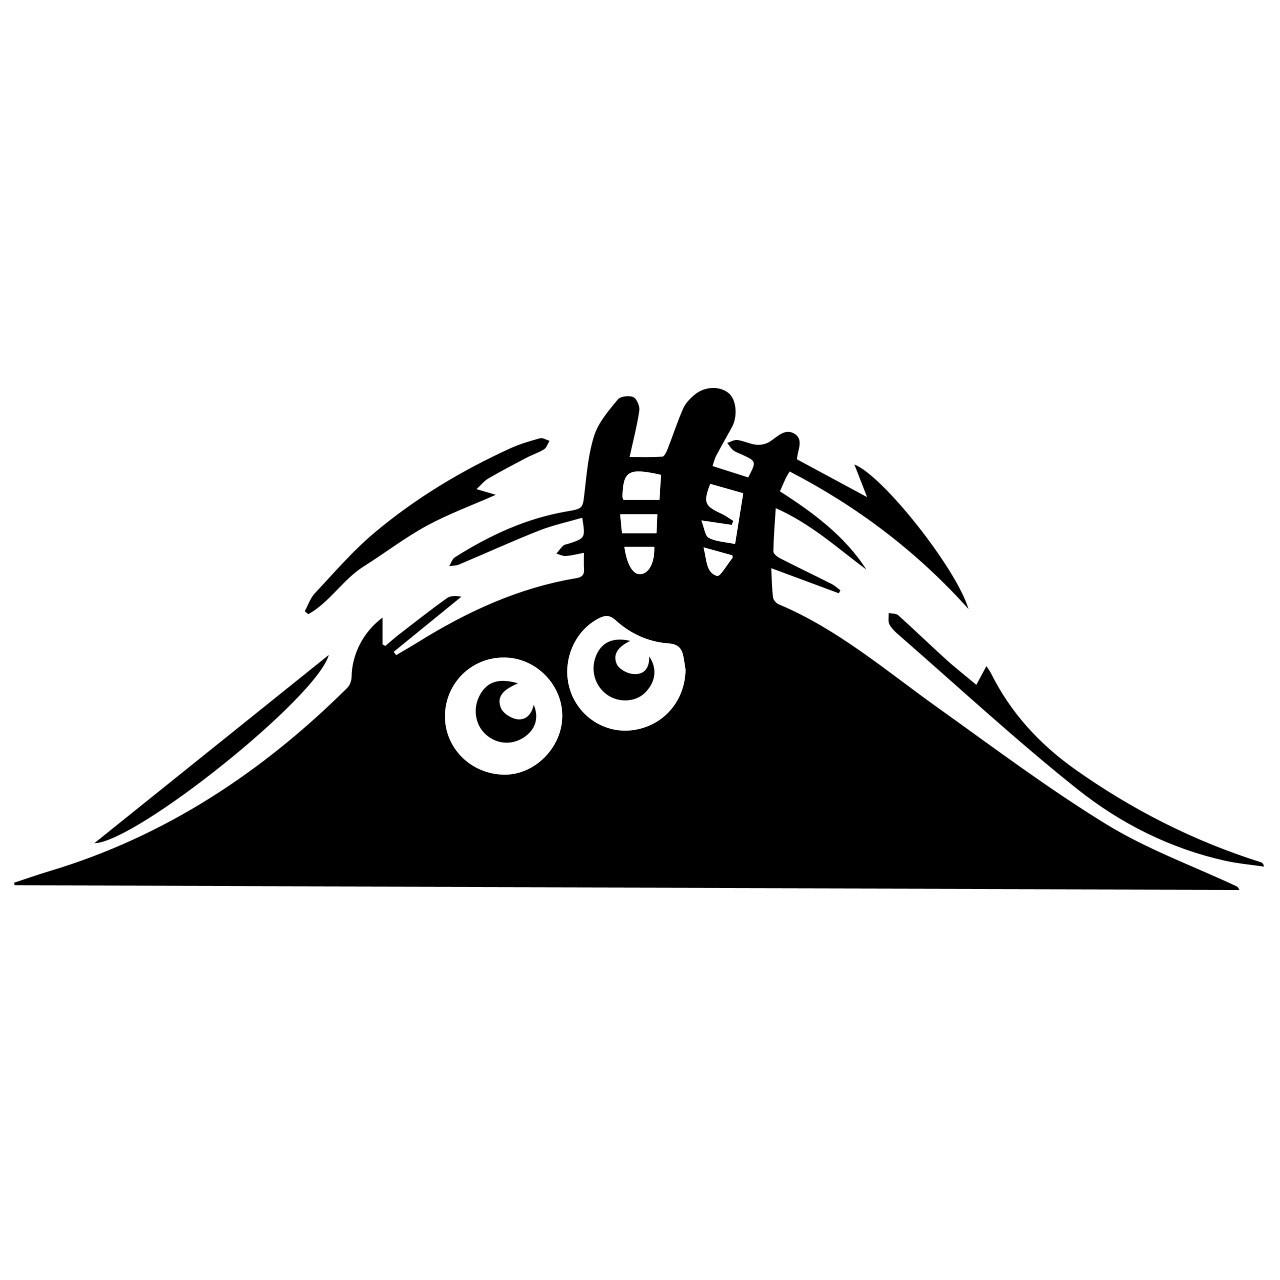 استیکر خودرو گراسیپا  مدل هیولای سیاه